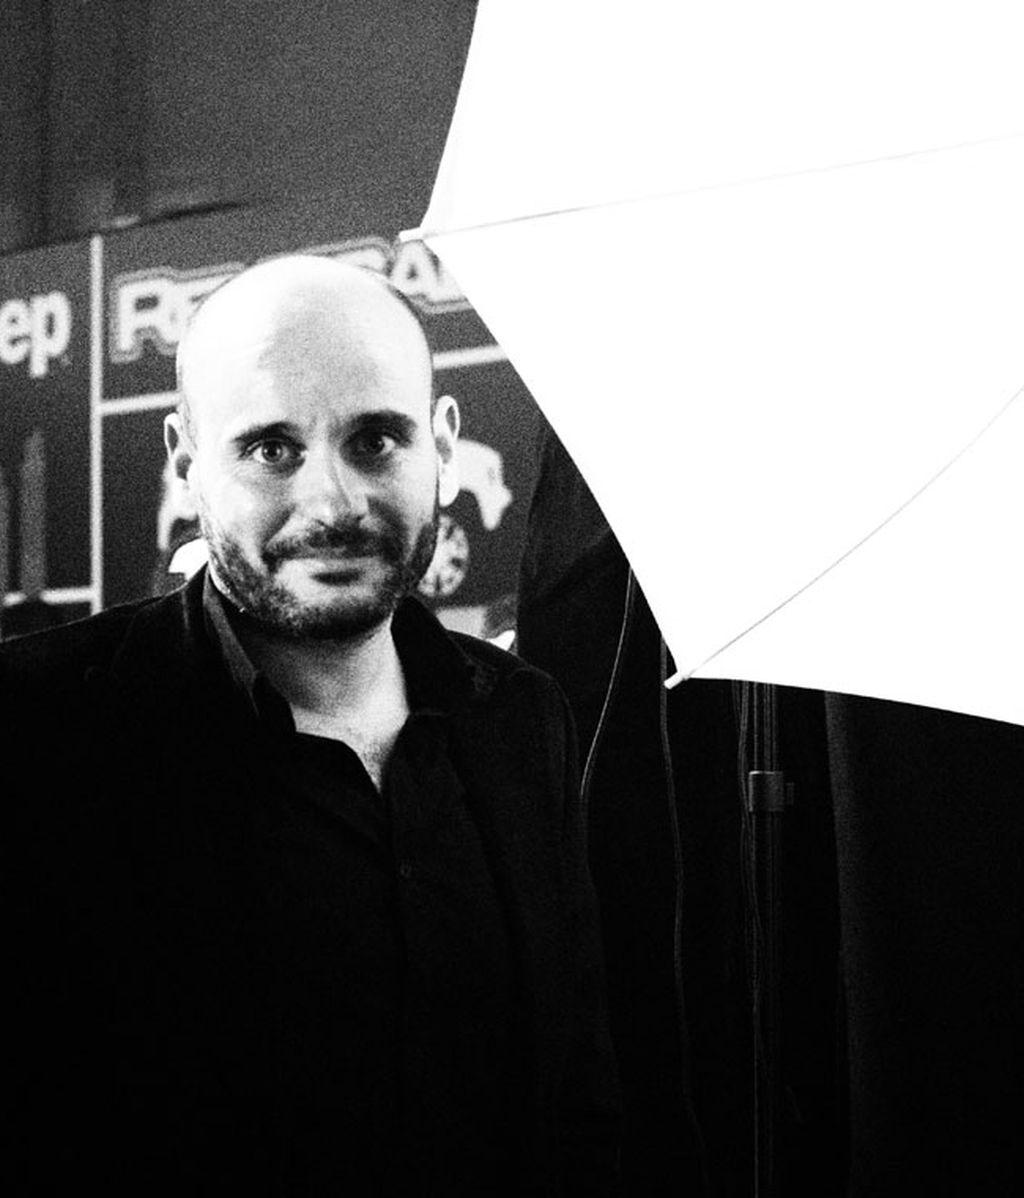 Carlos Otero, nuestro colaborador experto en 'celebs'